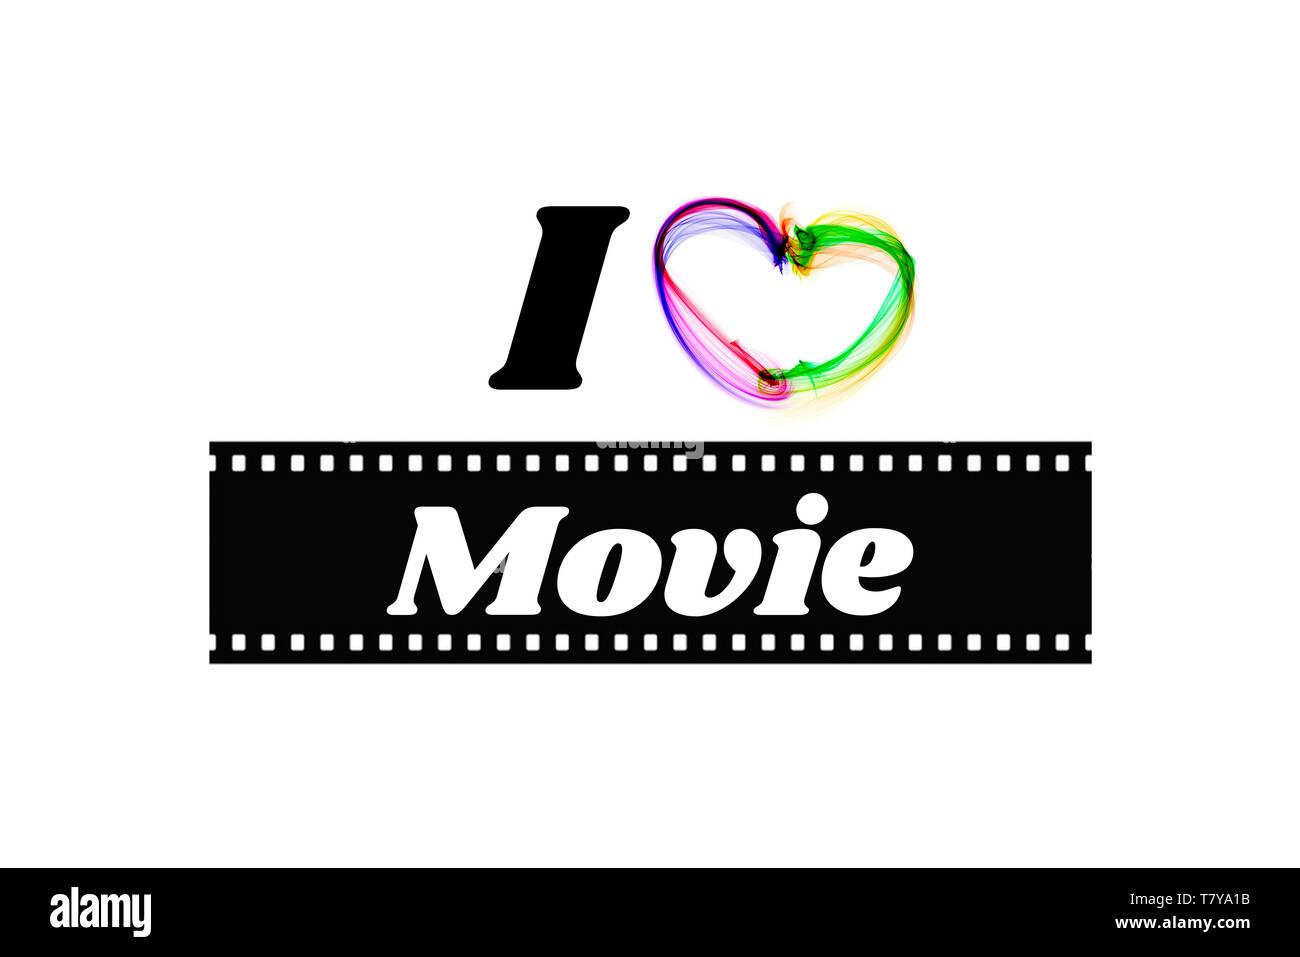 Io amo i film. Parola su una bobina di pellicola su sfondo bianco Immagini Stock